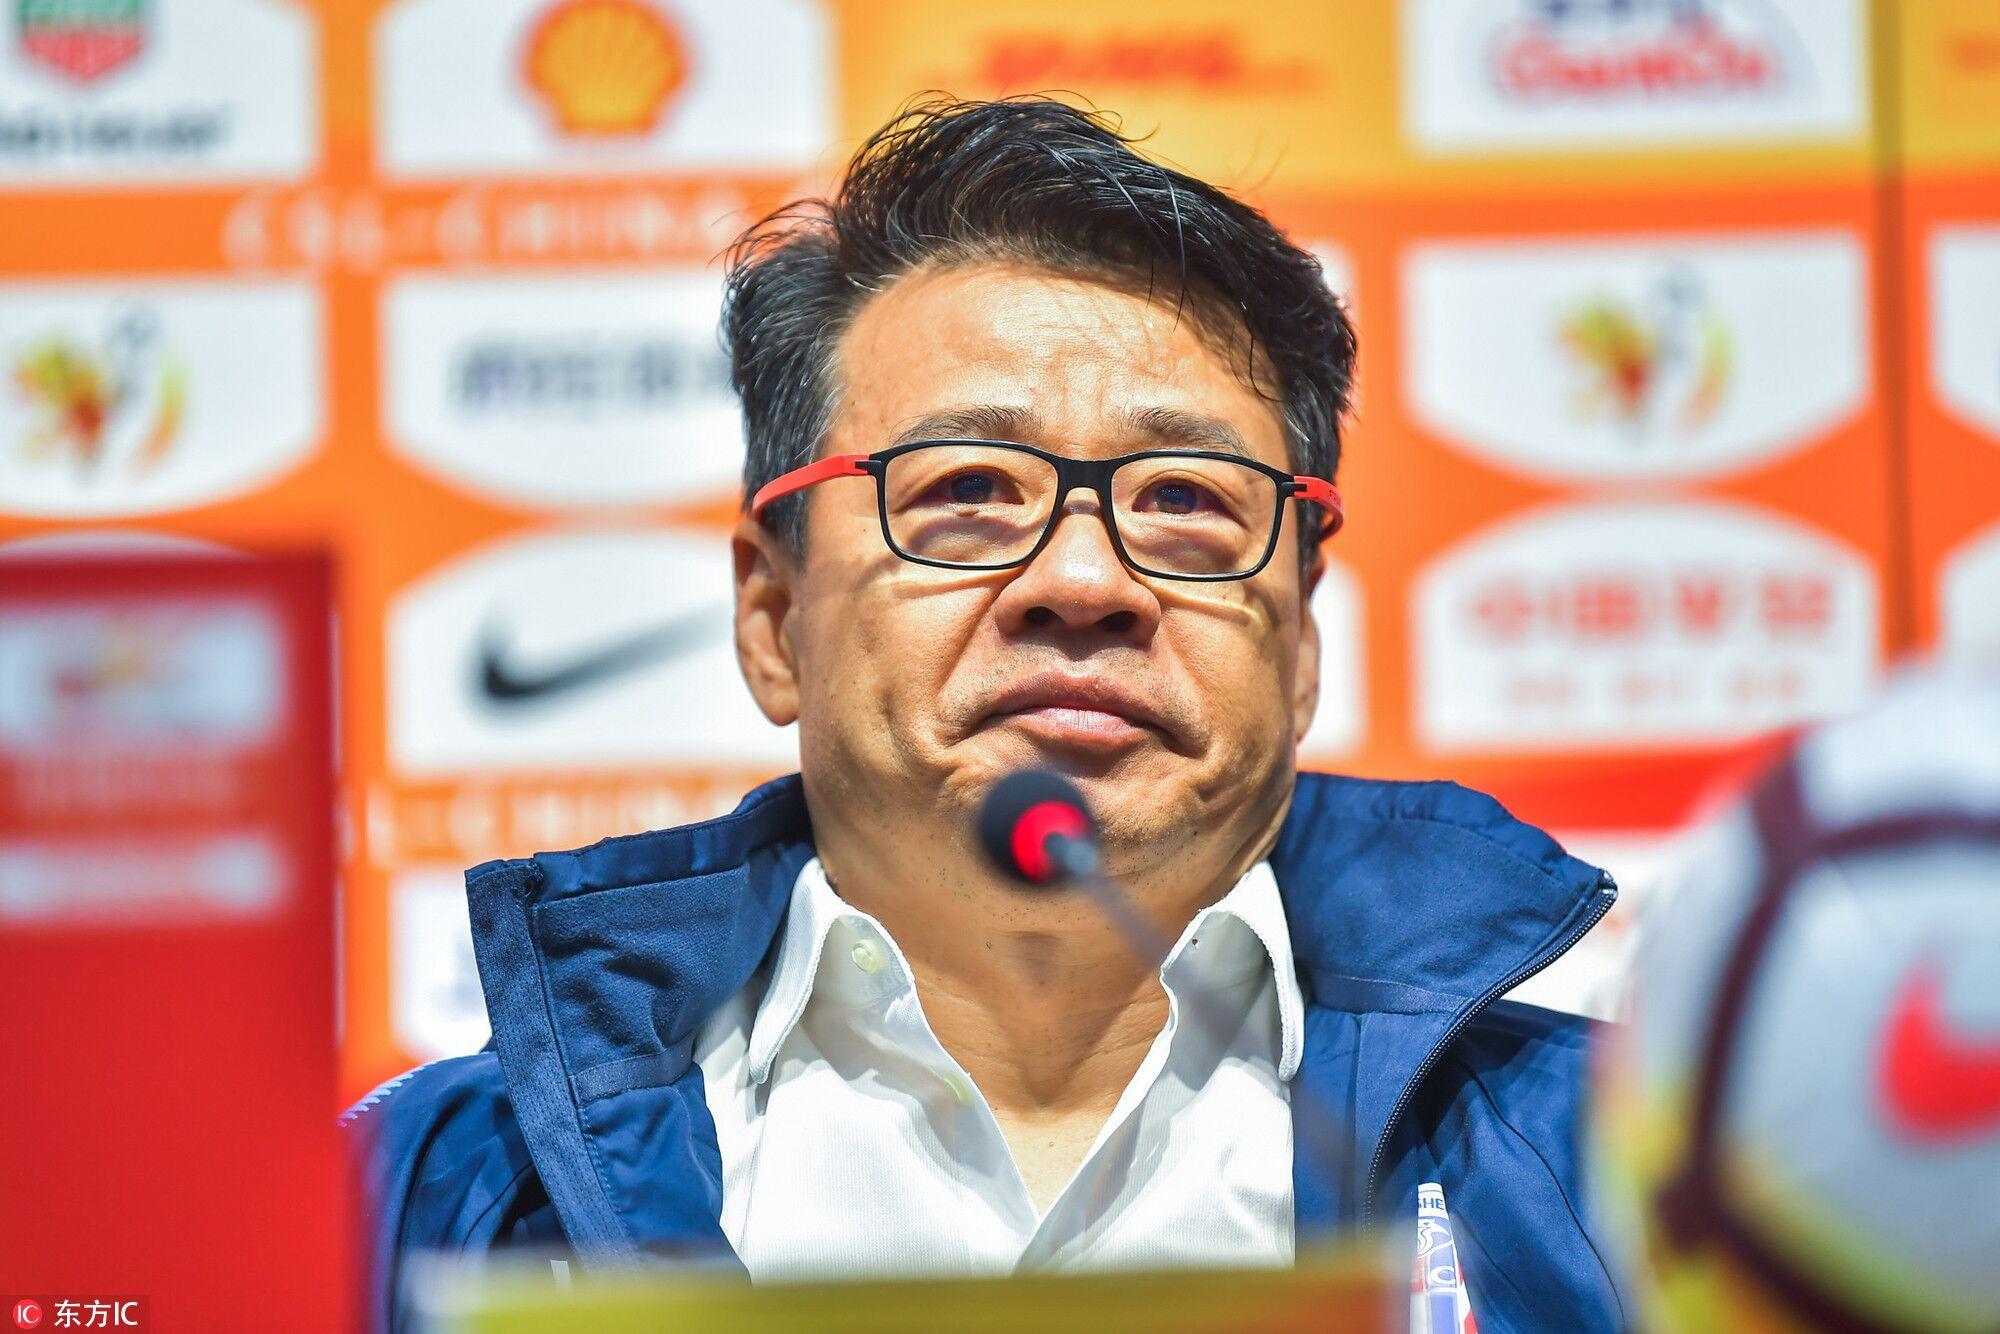 吴金贵:我与球员不存在个人恩怨;本土教练打铁还需自身强